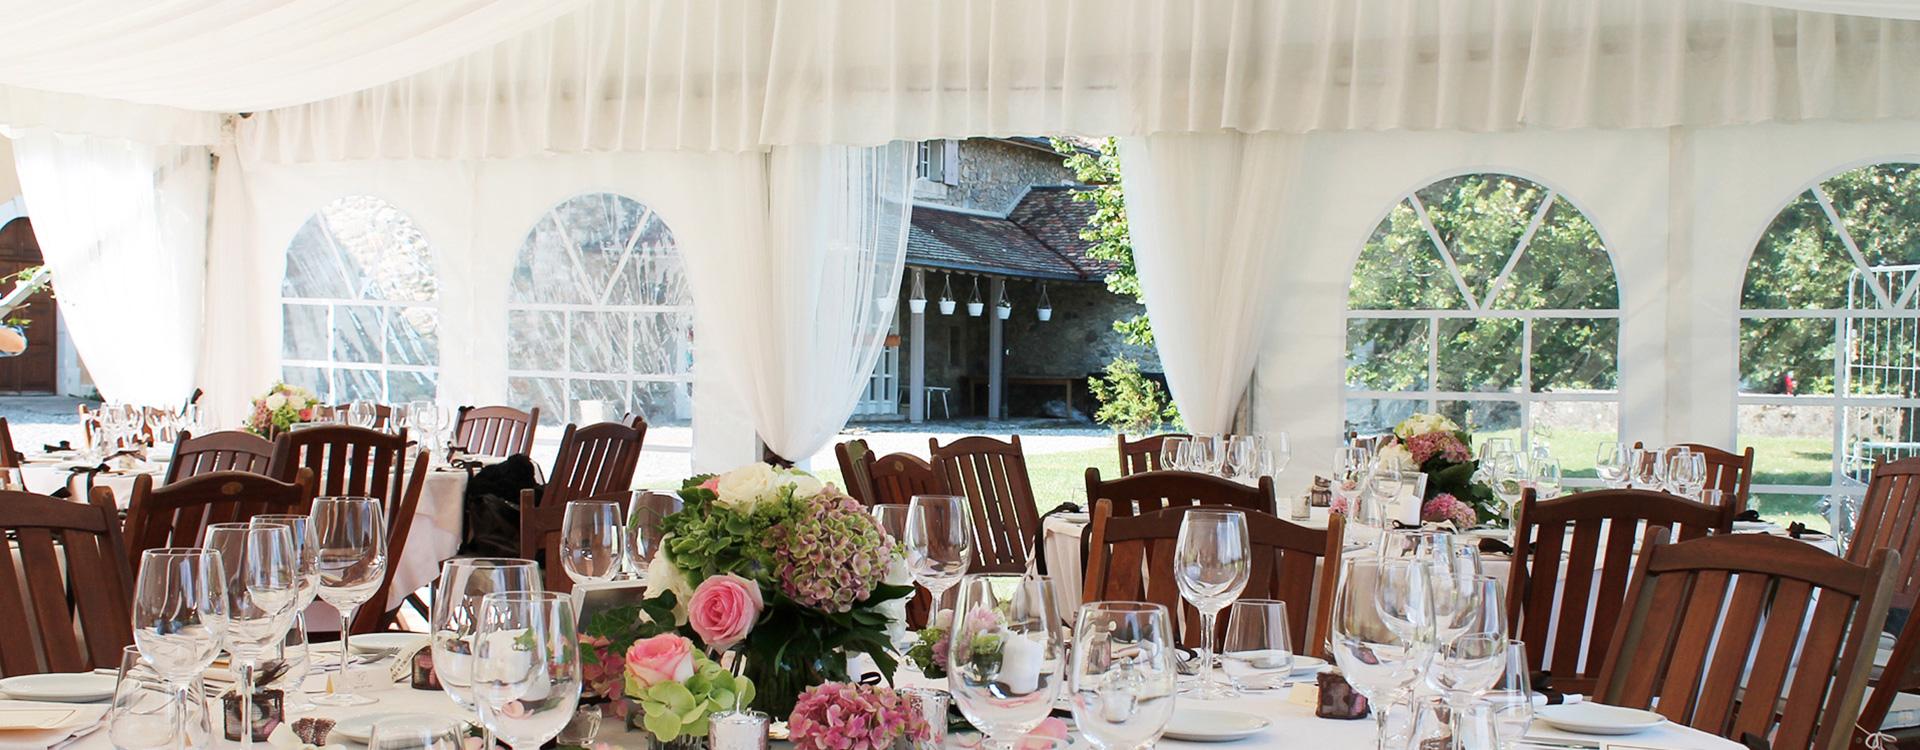 decoration mariage haute savoie